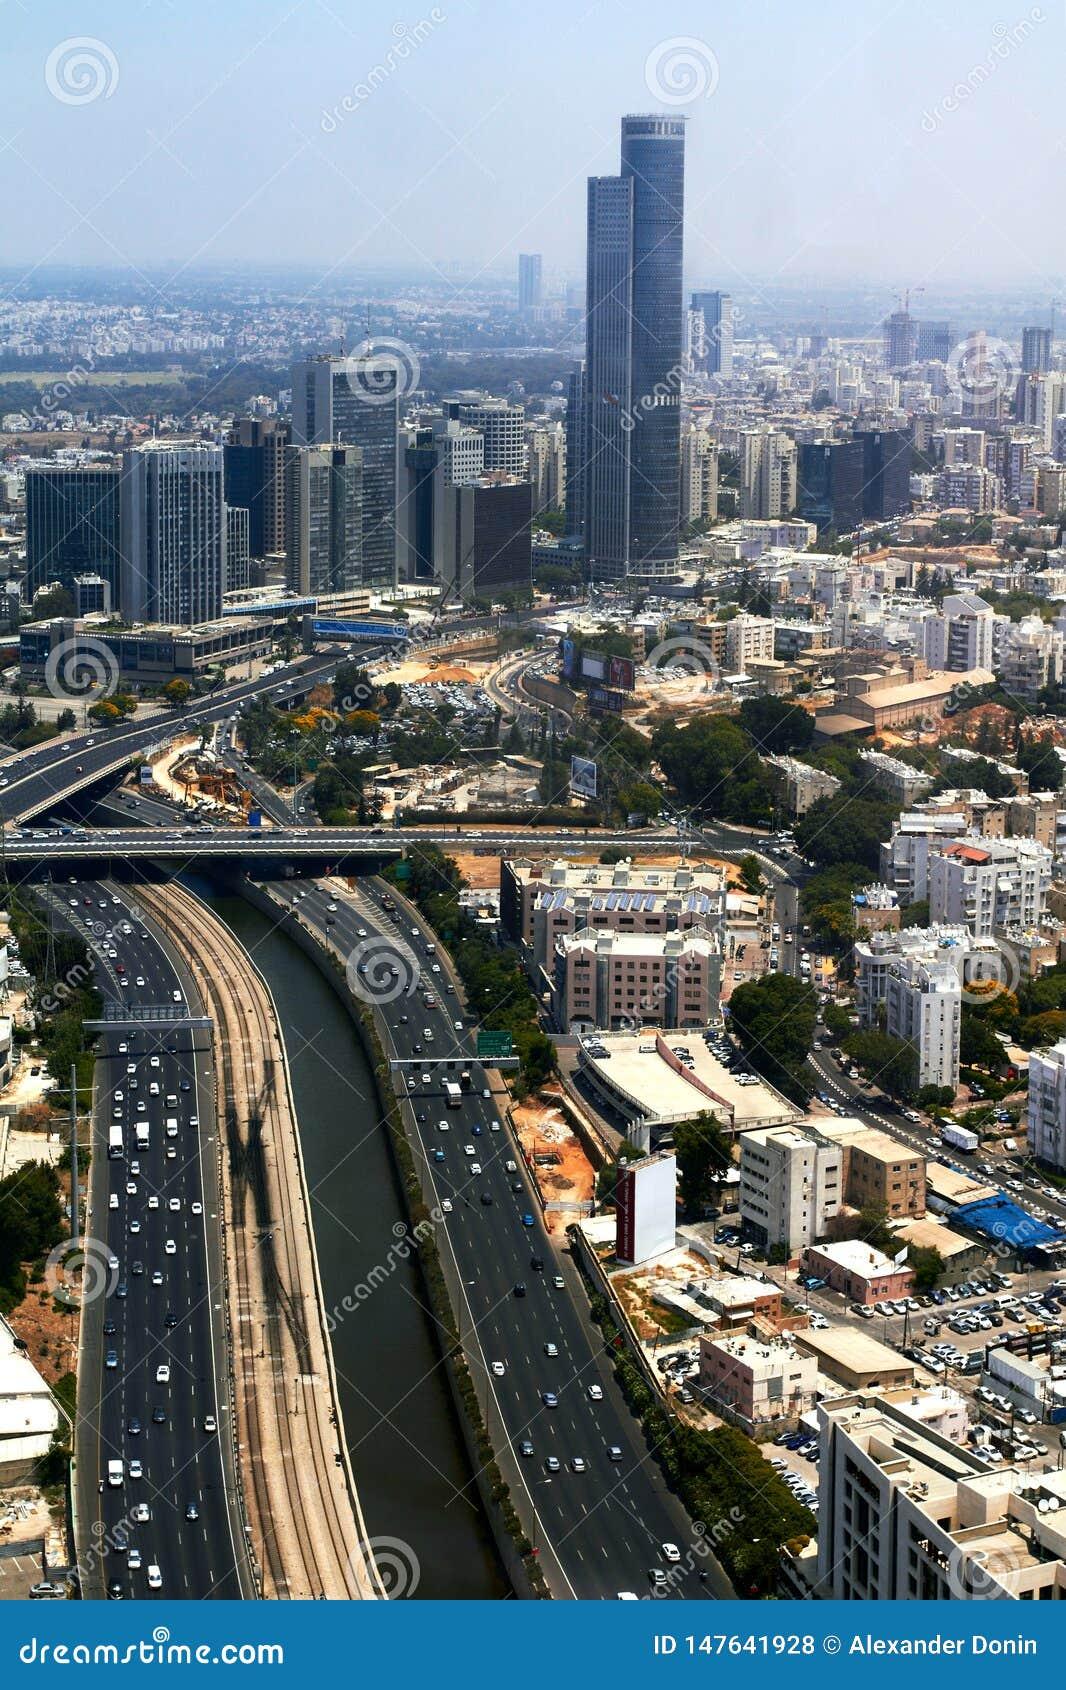 Panorama of Tel Aviv, Israel